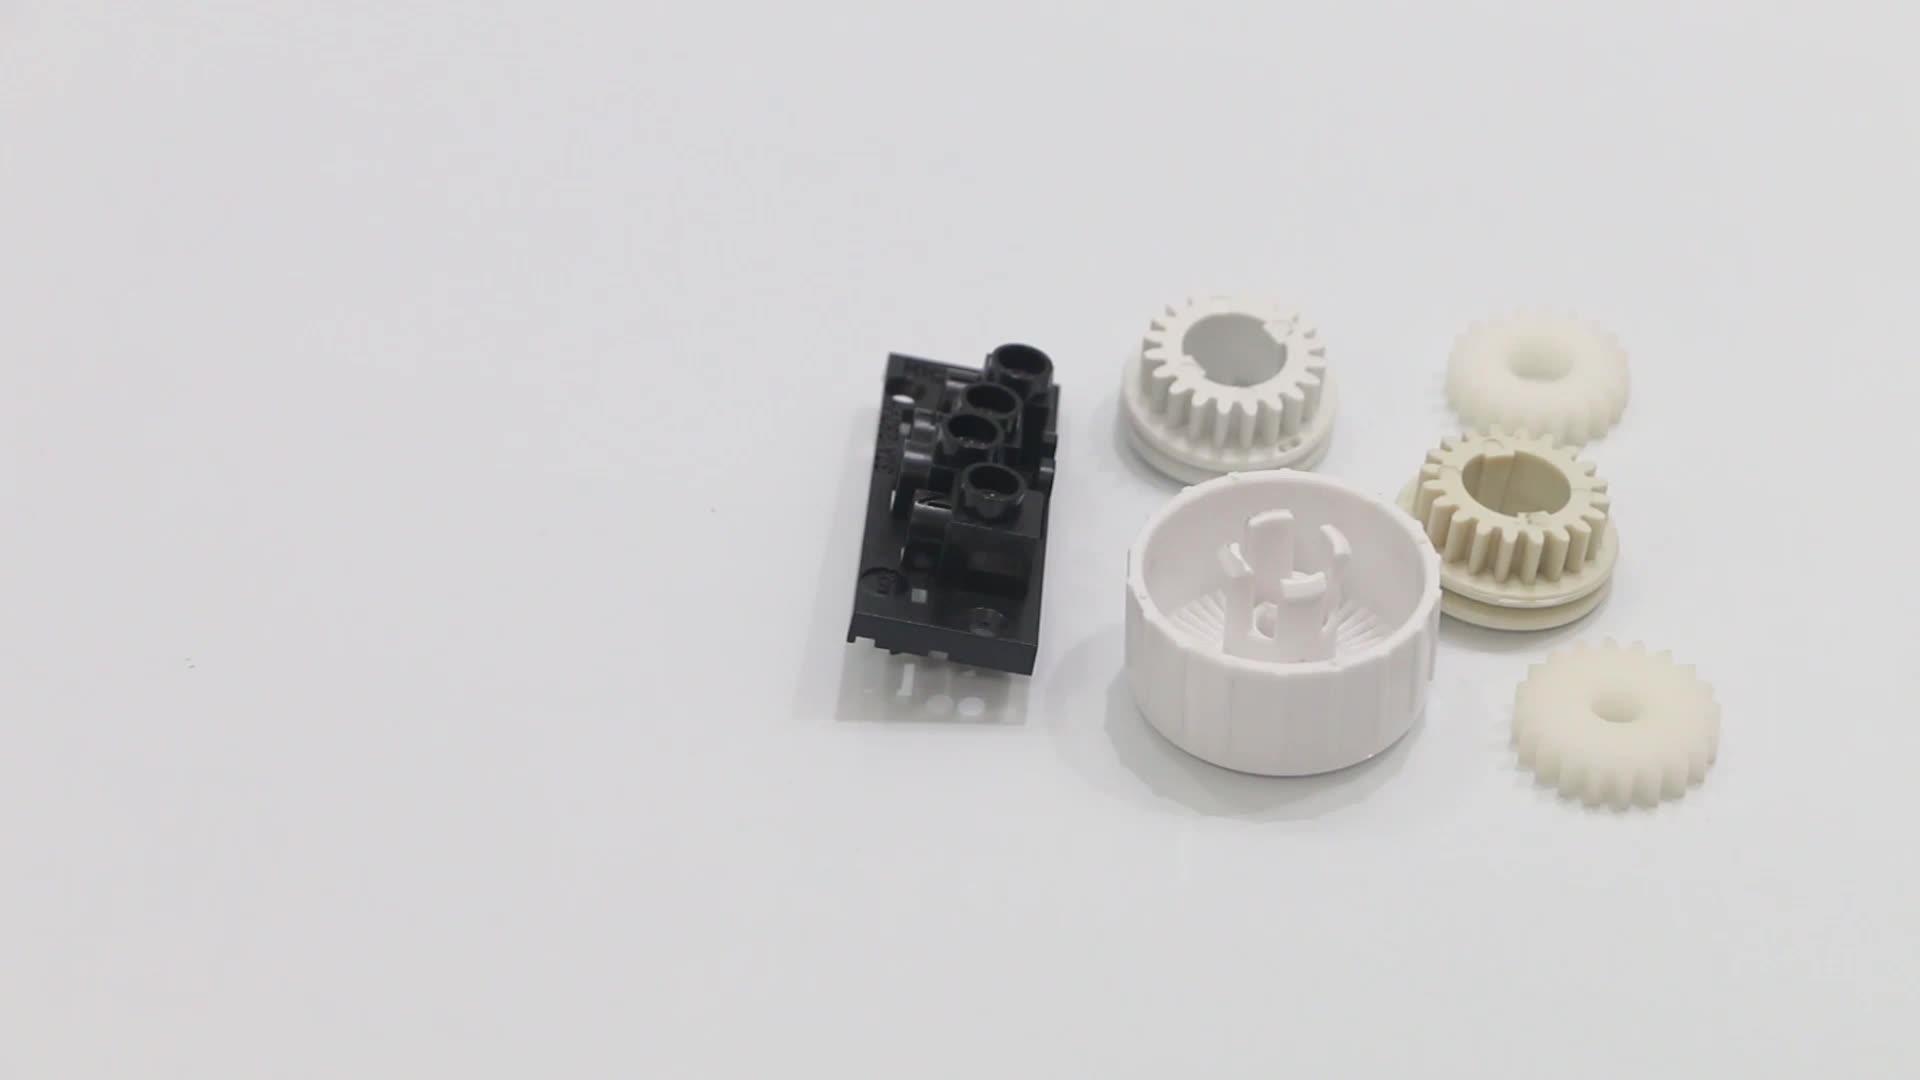 Cetakan Injeksi Kustom Perlengkapan Plastik Kecil untuk Mainan